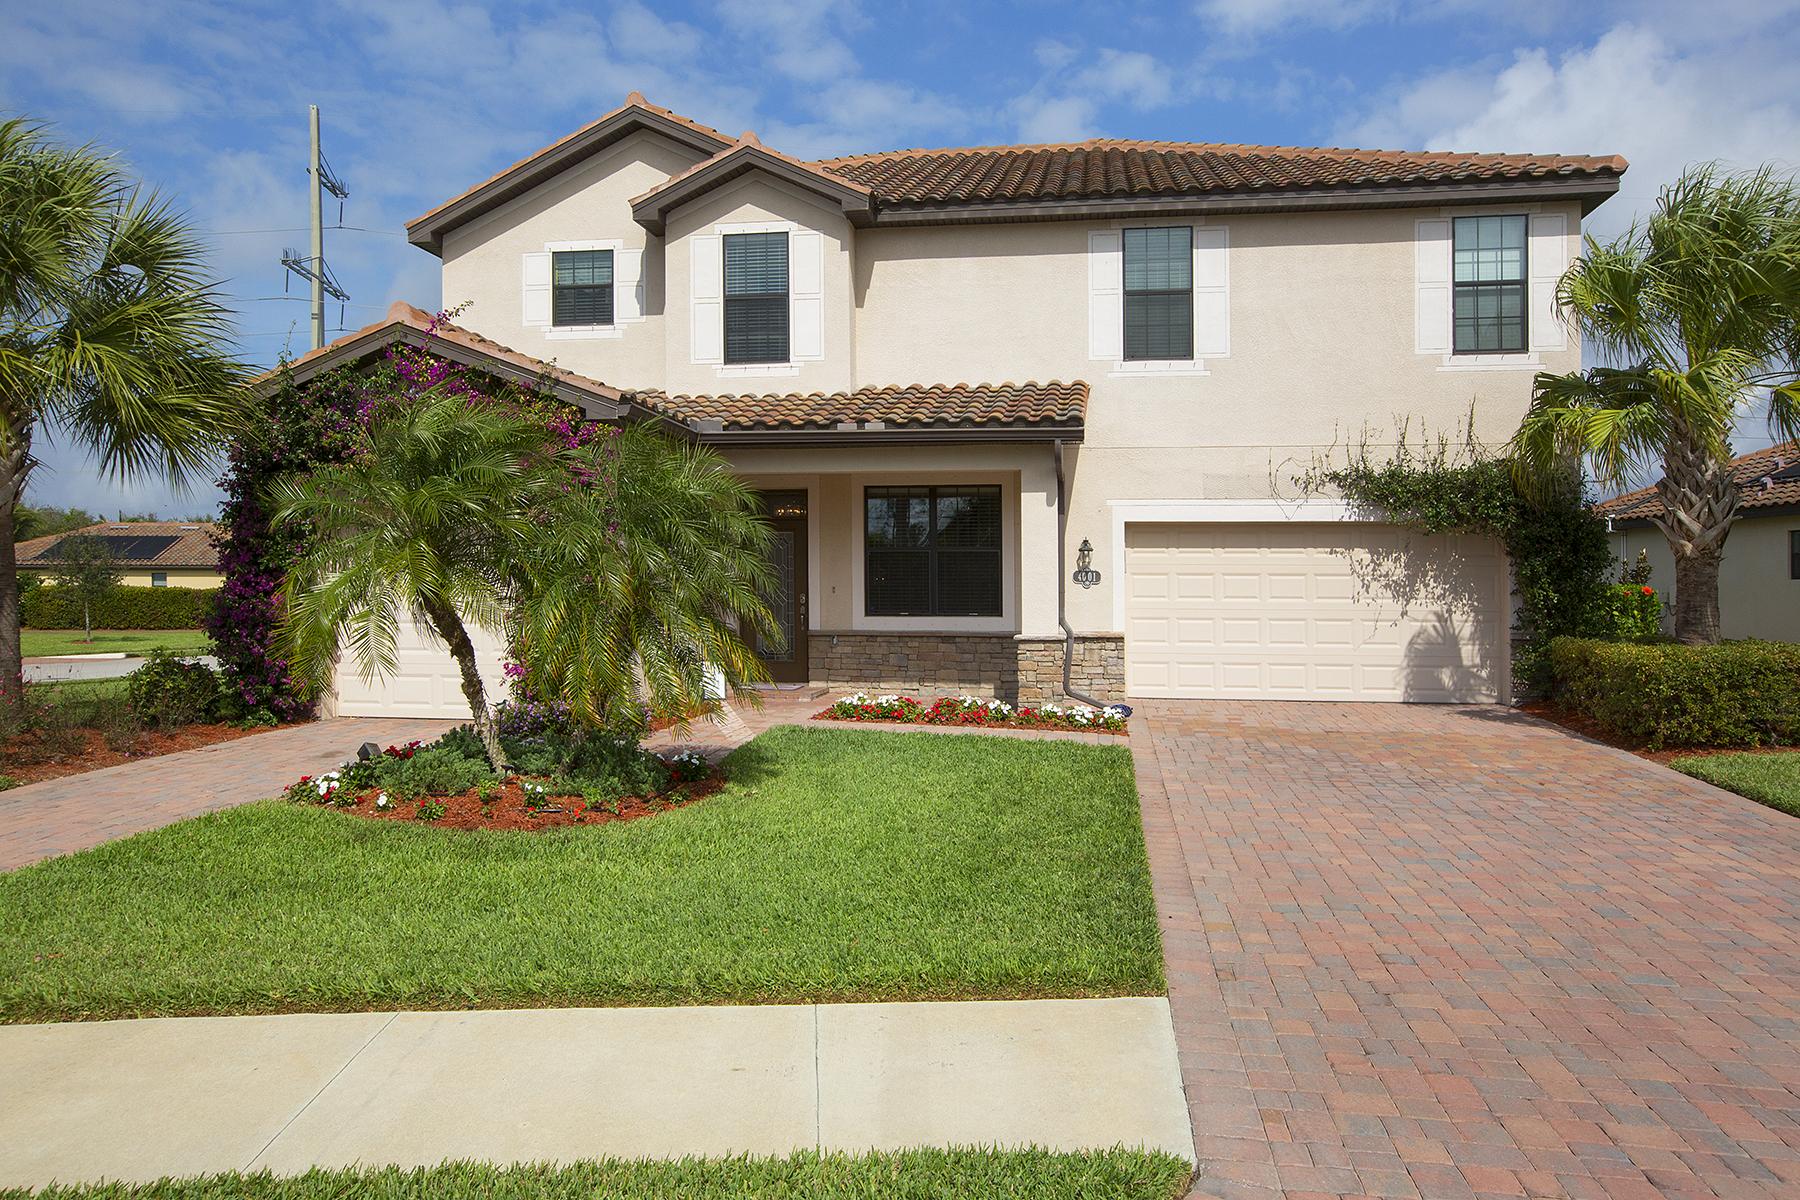 Частный односемейный дом для того Продажа на COPPER COVE 4001 Treasure Cove Cir Naples, Флорида, 34114 Соединенные Штаты